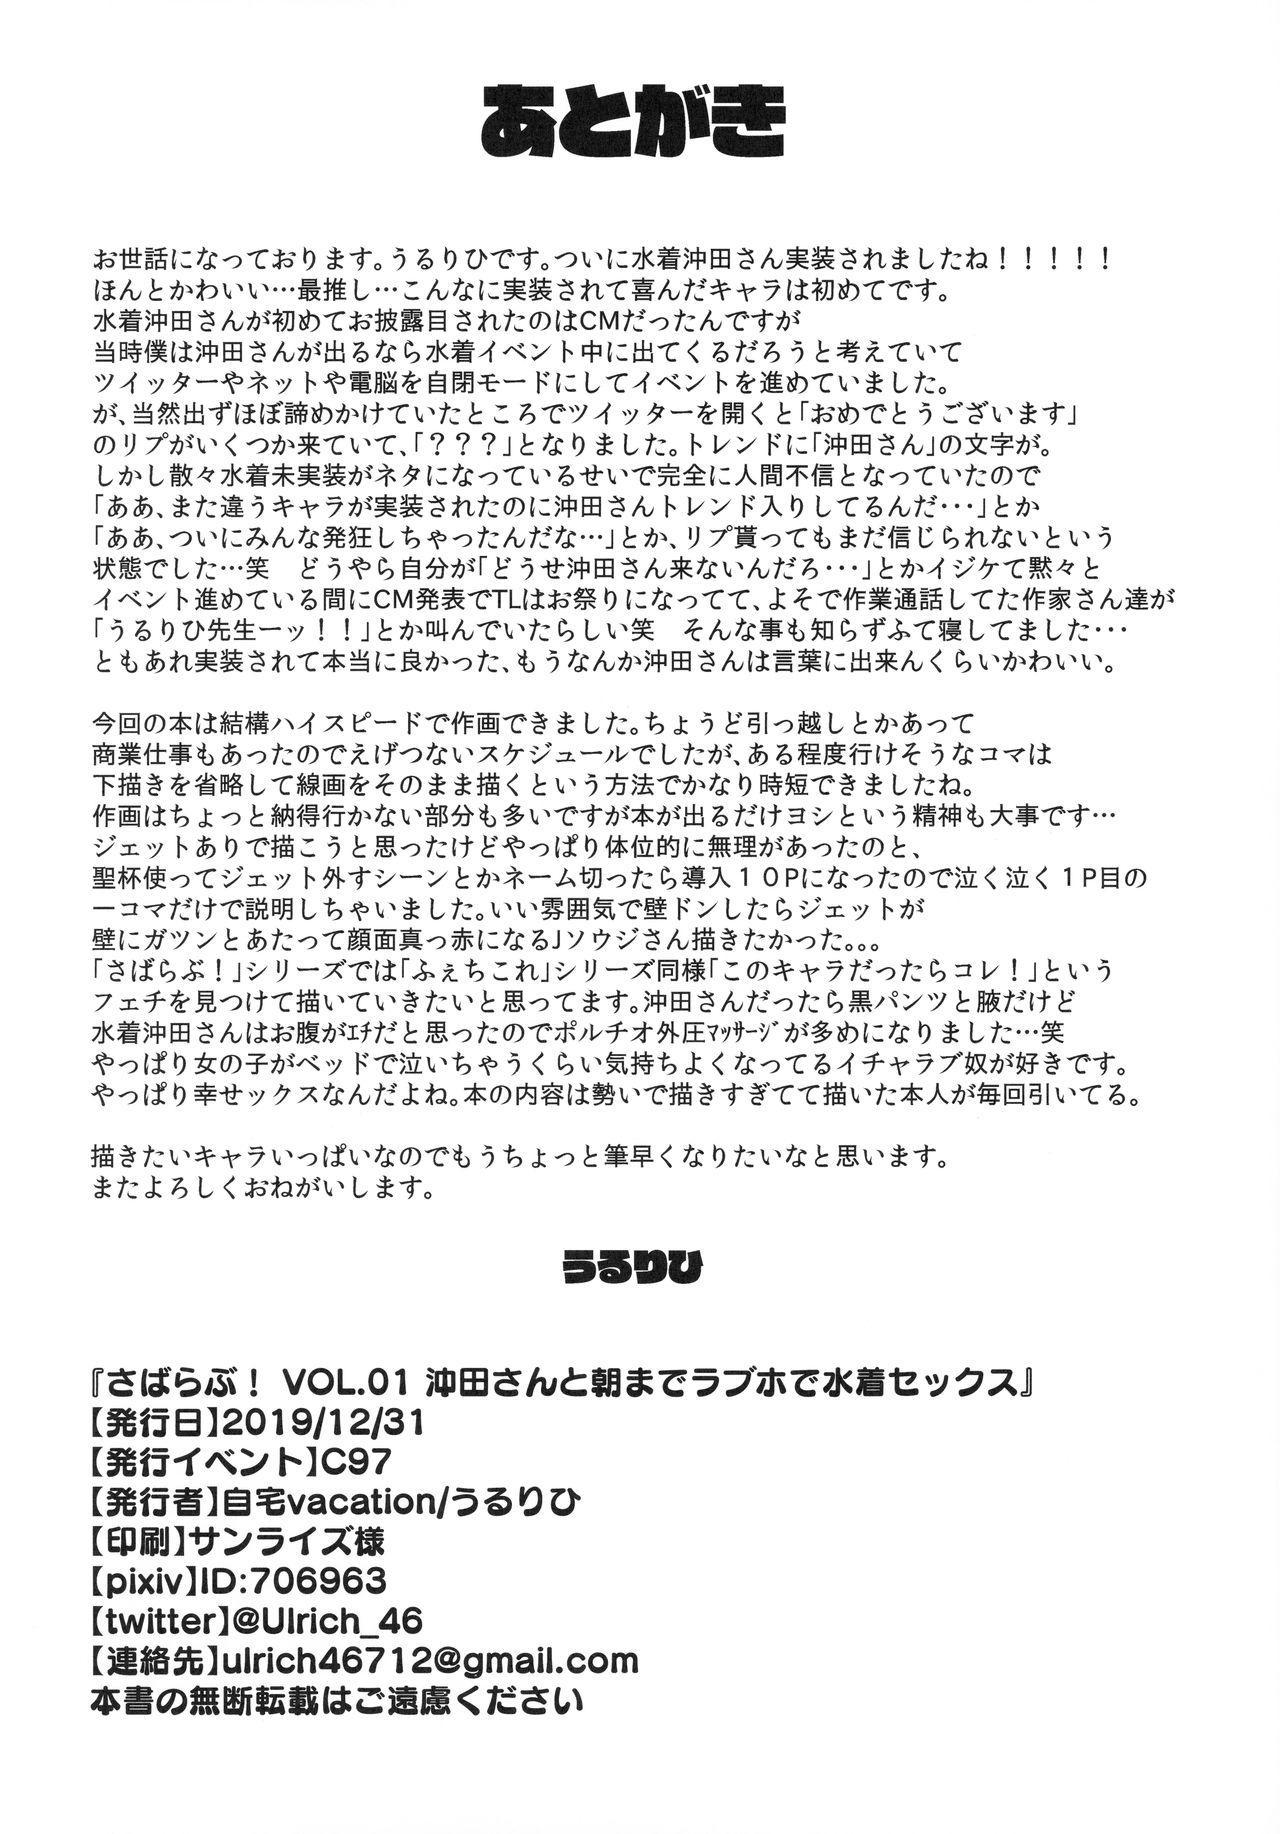 ServaLove! VOL. 01 Okita-san to Asa made LoveHo de Mizugi Sex 24